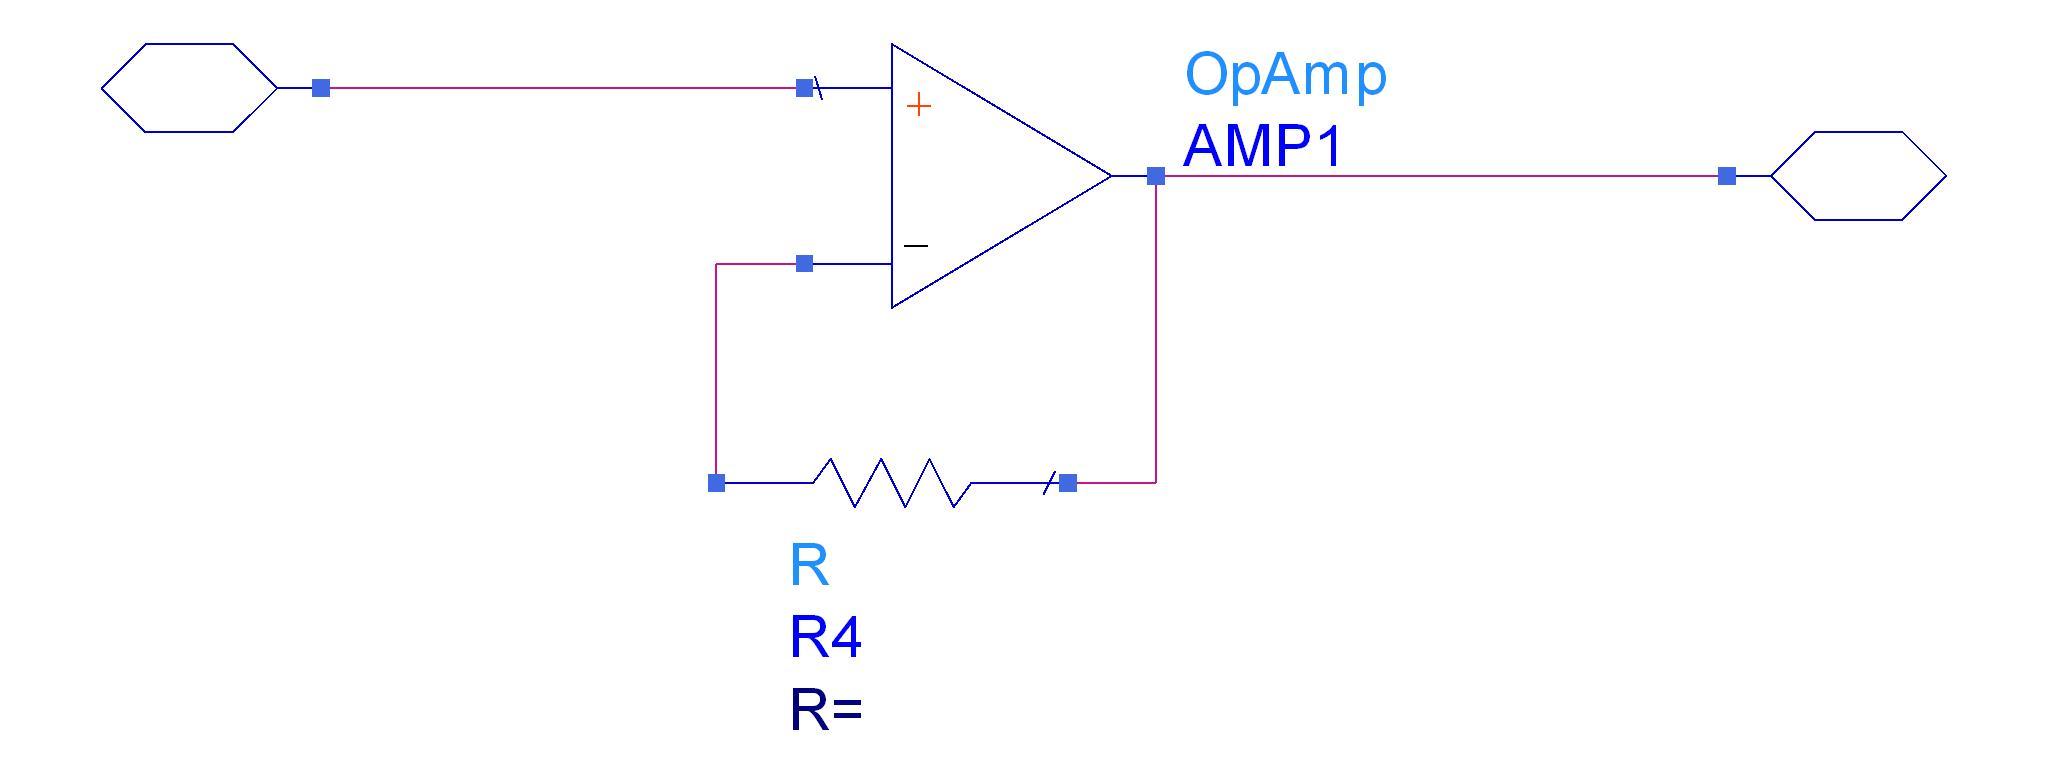 常用电压跟随器芯片_电压跟随器是什么意思?需要用到运放吗?